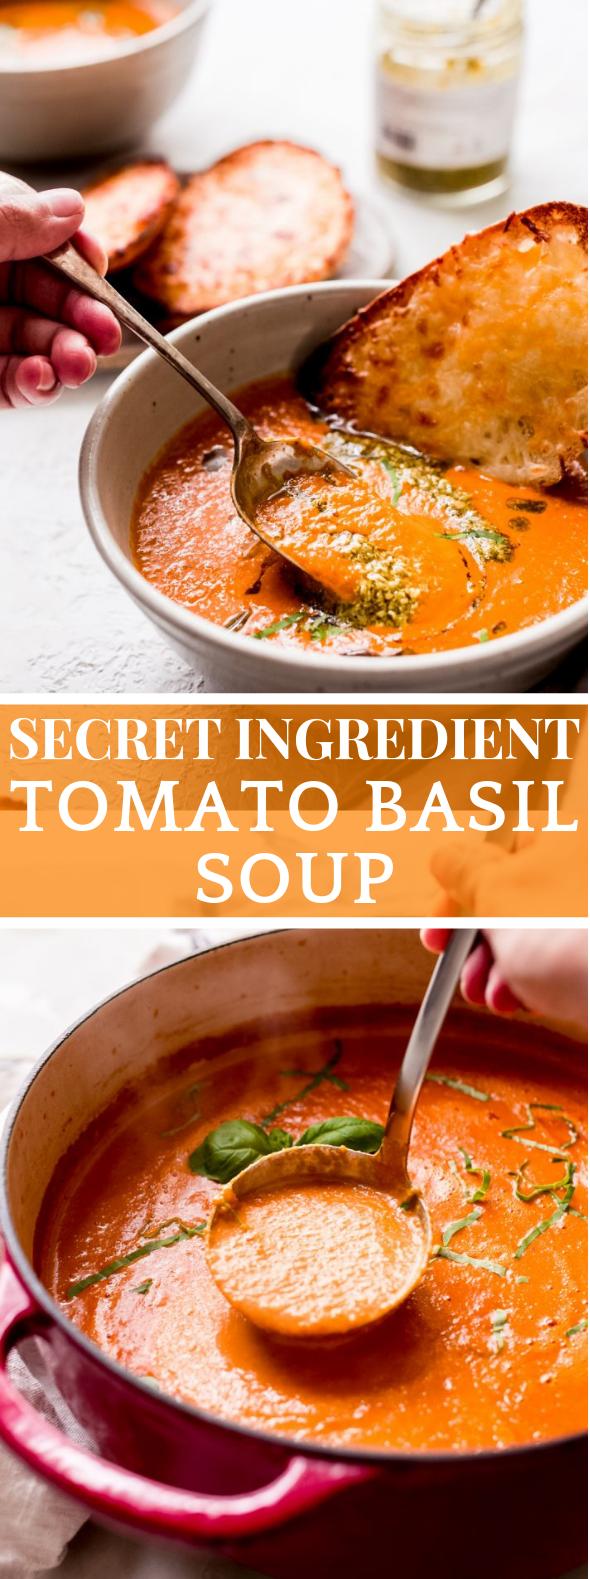 SECRET INGREDIENT TOMATO BASIL SOUP #vegetarian #tomatoes